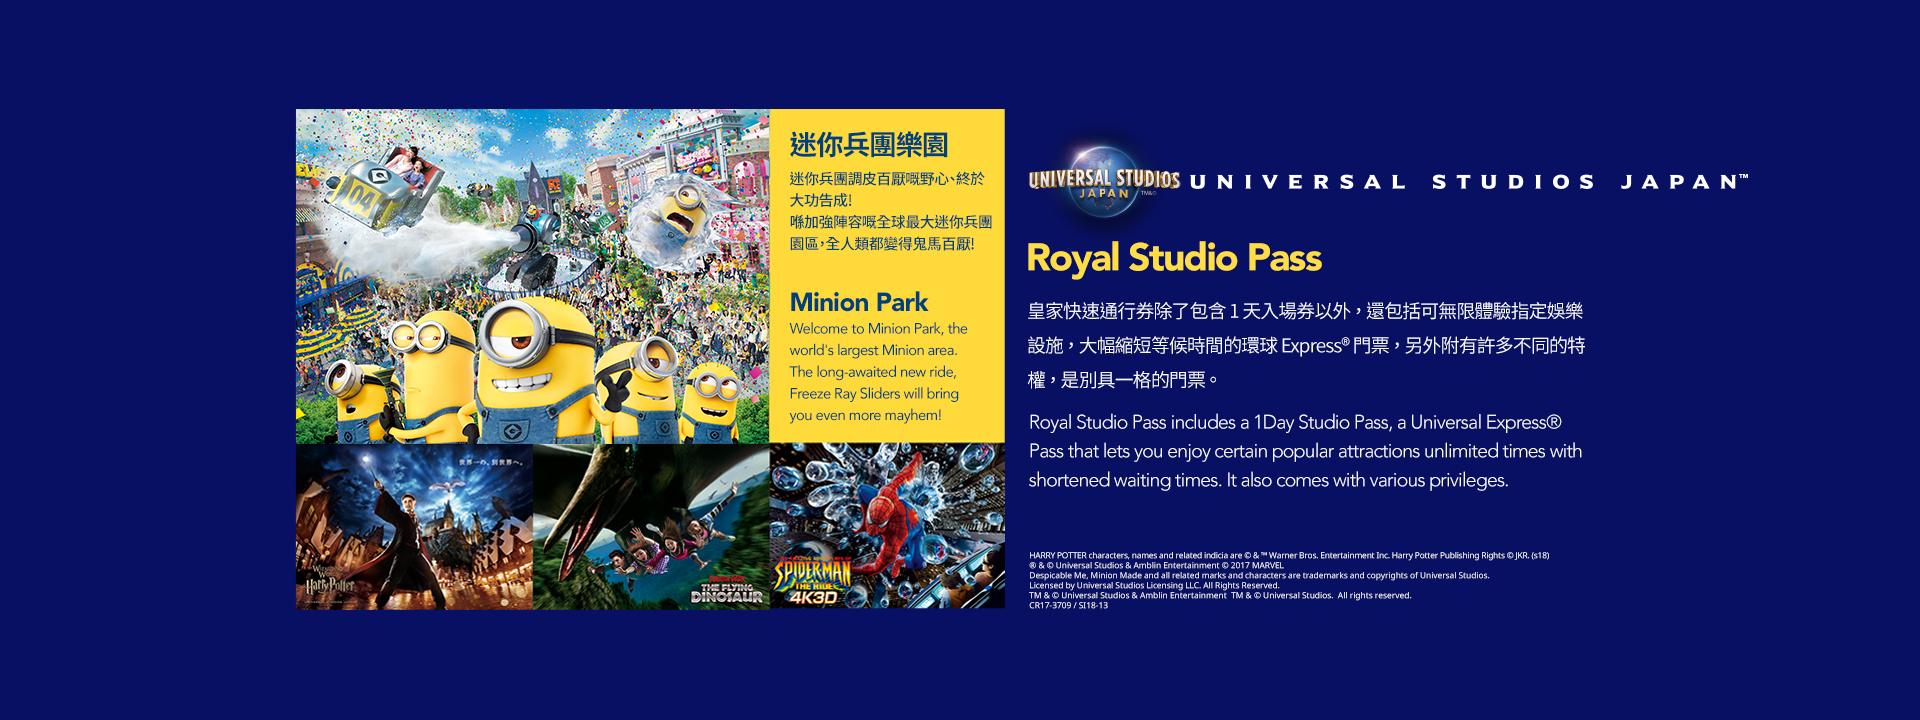 Buy Universal Studios Japan Express Pass 4 Online - Klook